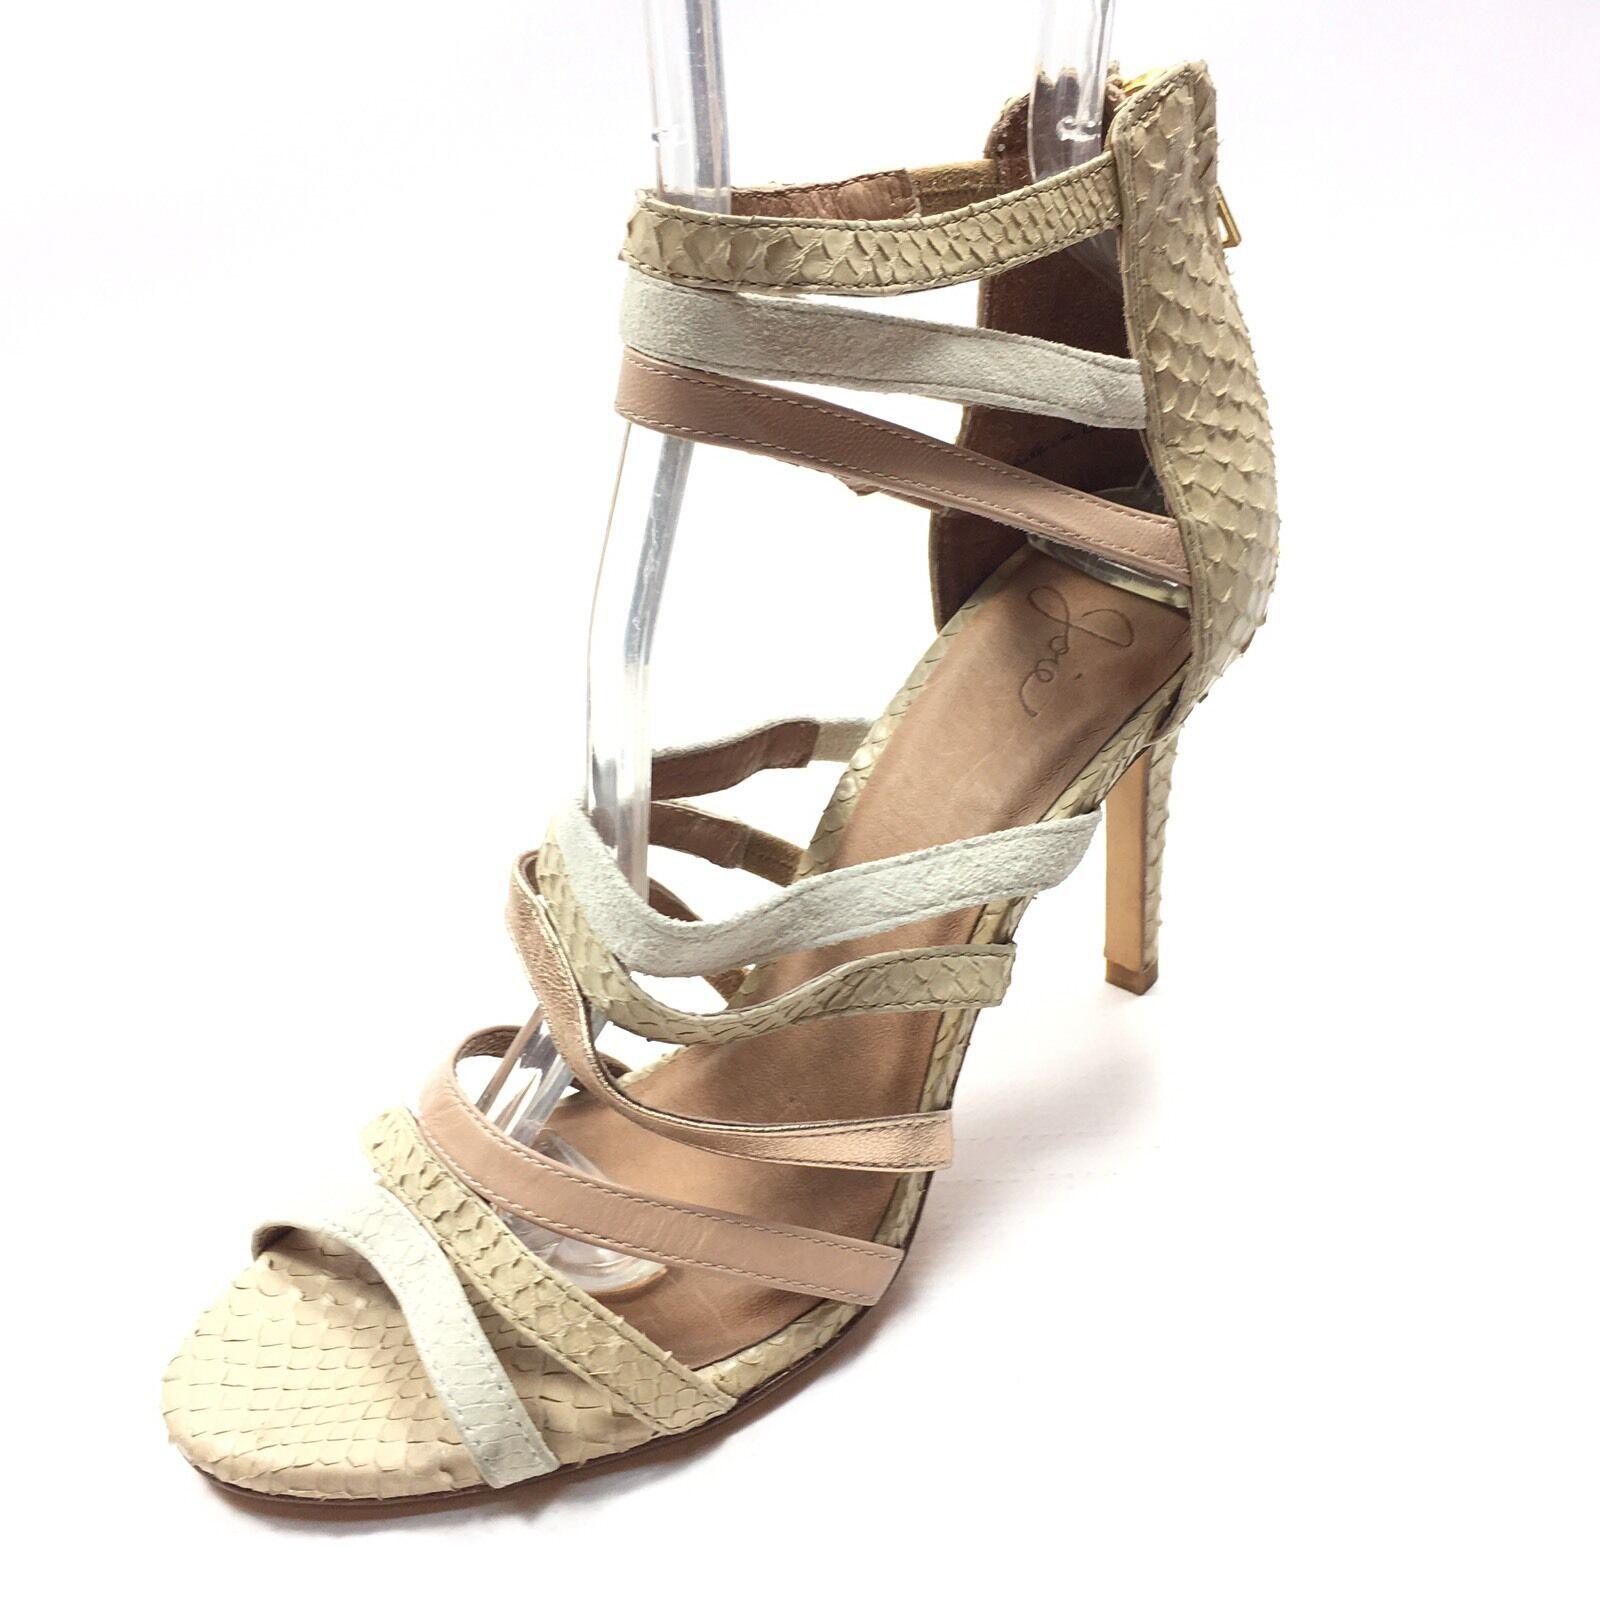 migliore qualità Joie Zee High Heel Stiletto Beige Beige Beige Multi Leather Suede Sandals Donna  Dimensione 36 M  ordina ora i prezzi più bassi